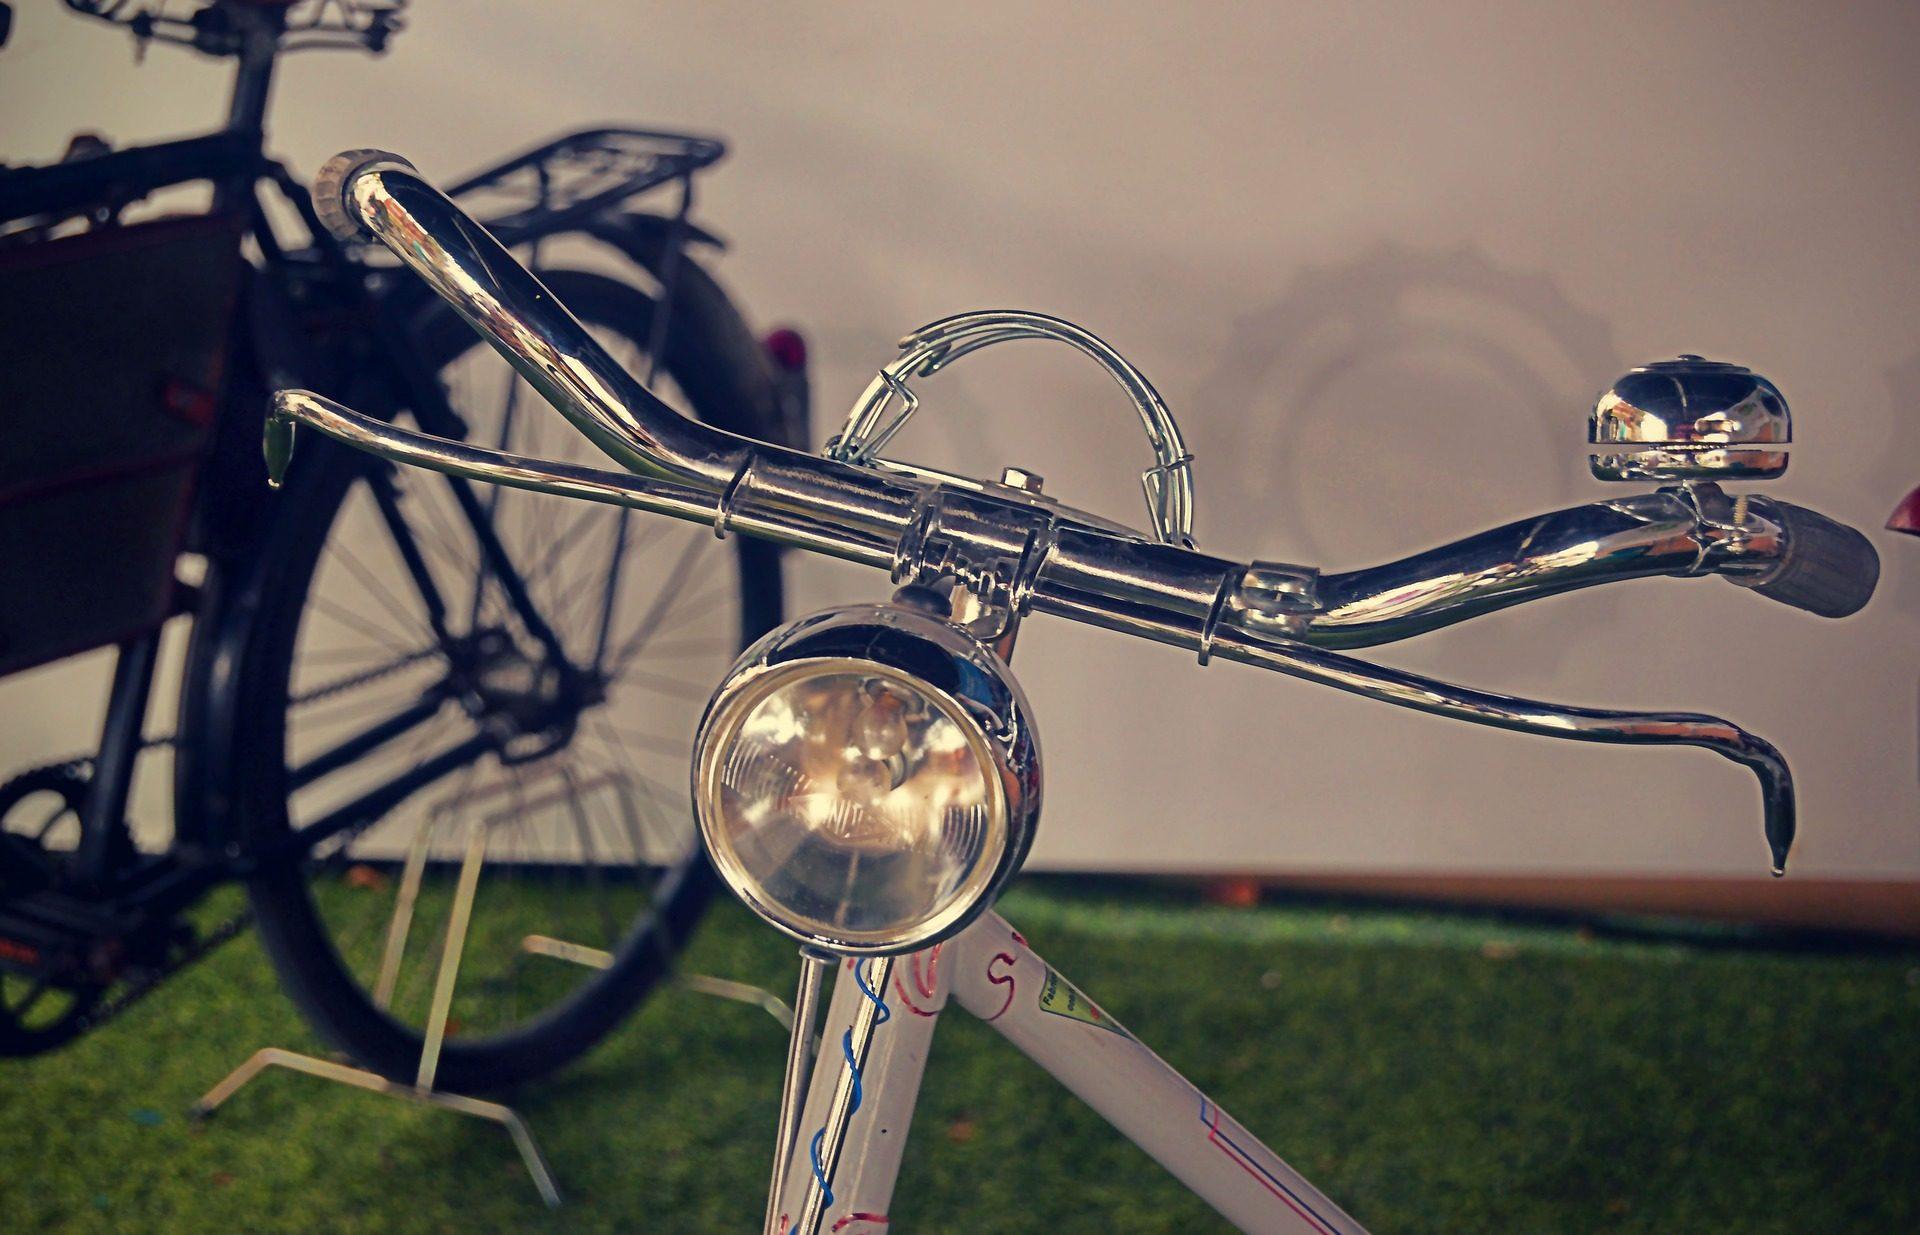 guiador, Farol, campainha, freios, bicicleta - Papéis de parede HD - Professor-falken.com